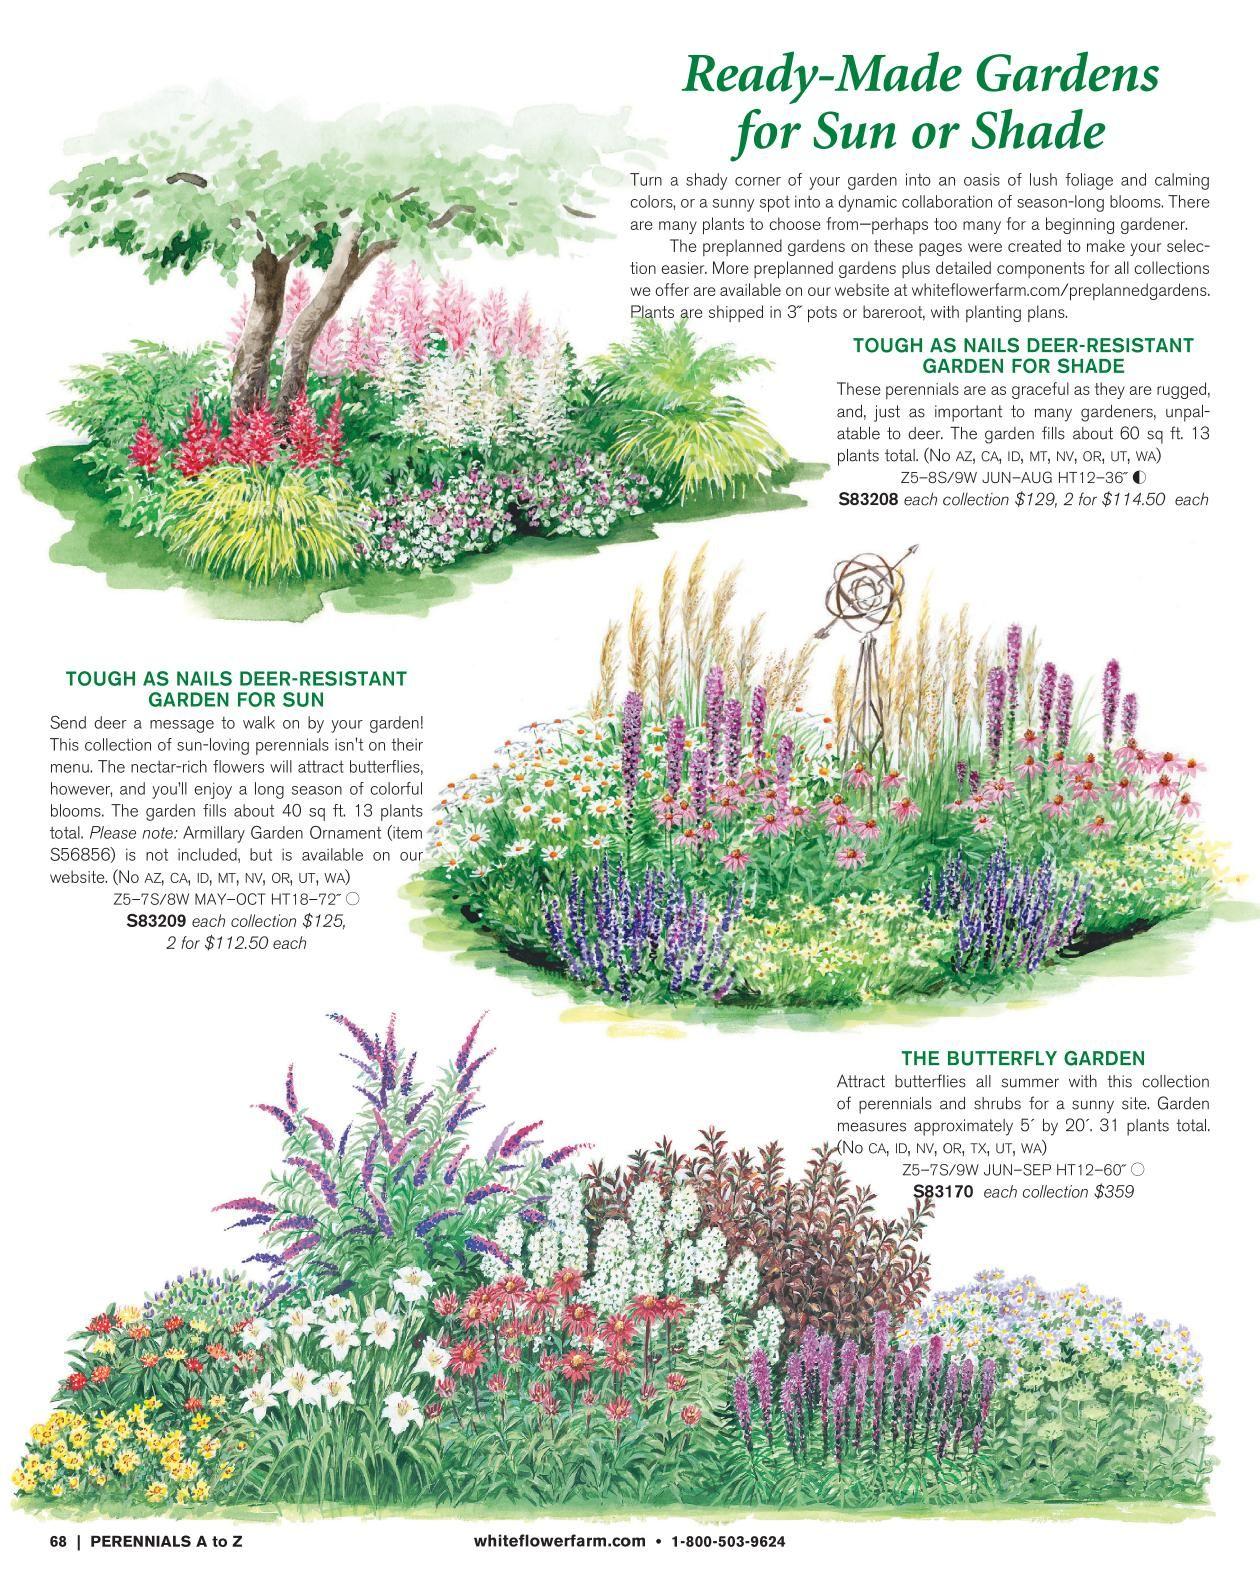 White flower farm catalogs landscaping pinterest white flower white flower farm catalogs mightylinksfo